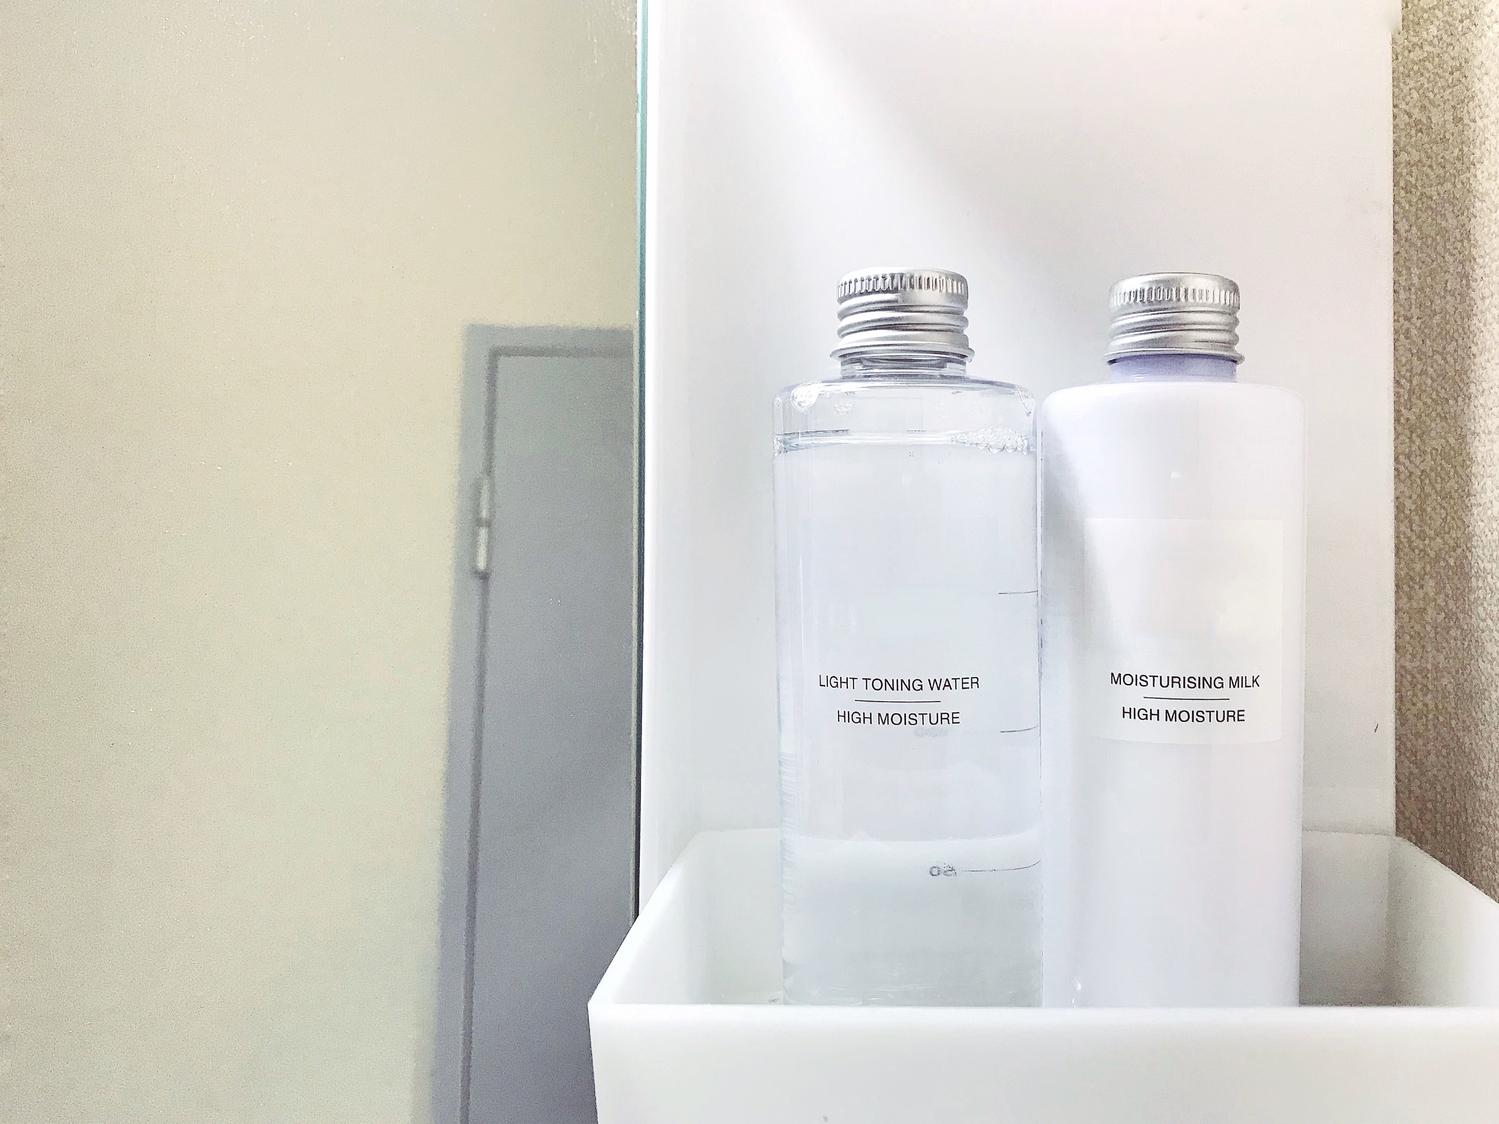 〈化粧水〉に詳しくなって綺麗に近づこう